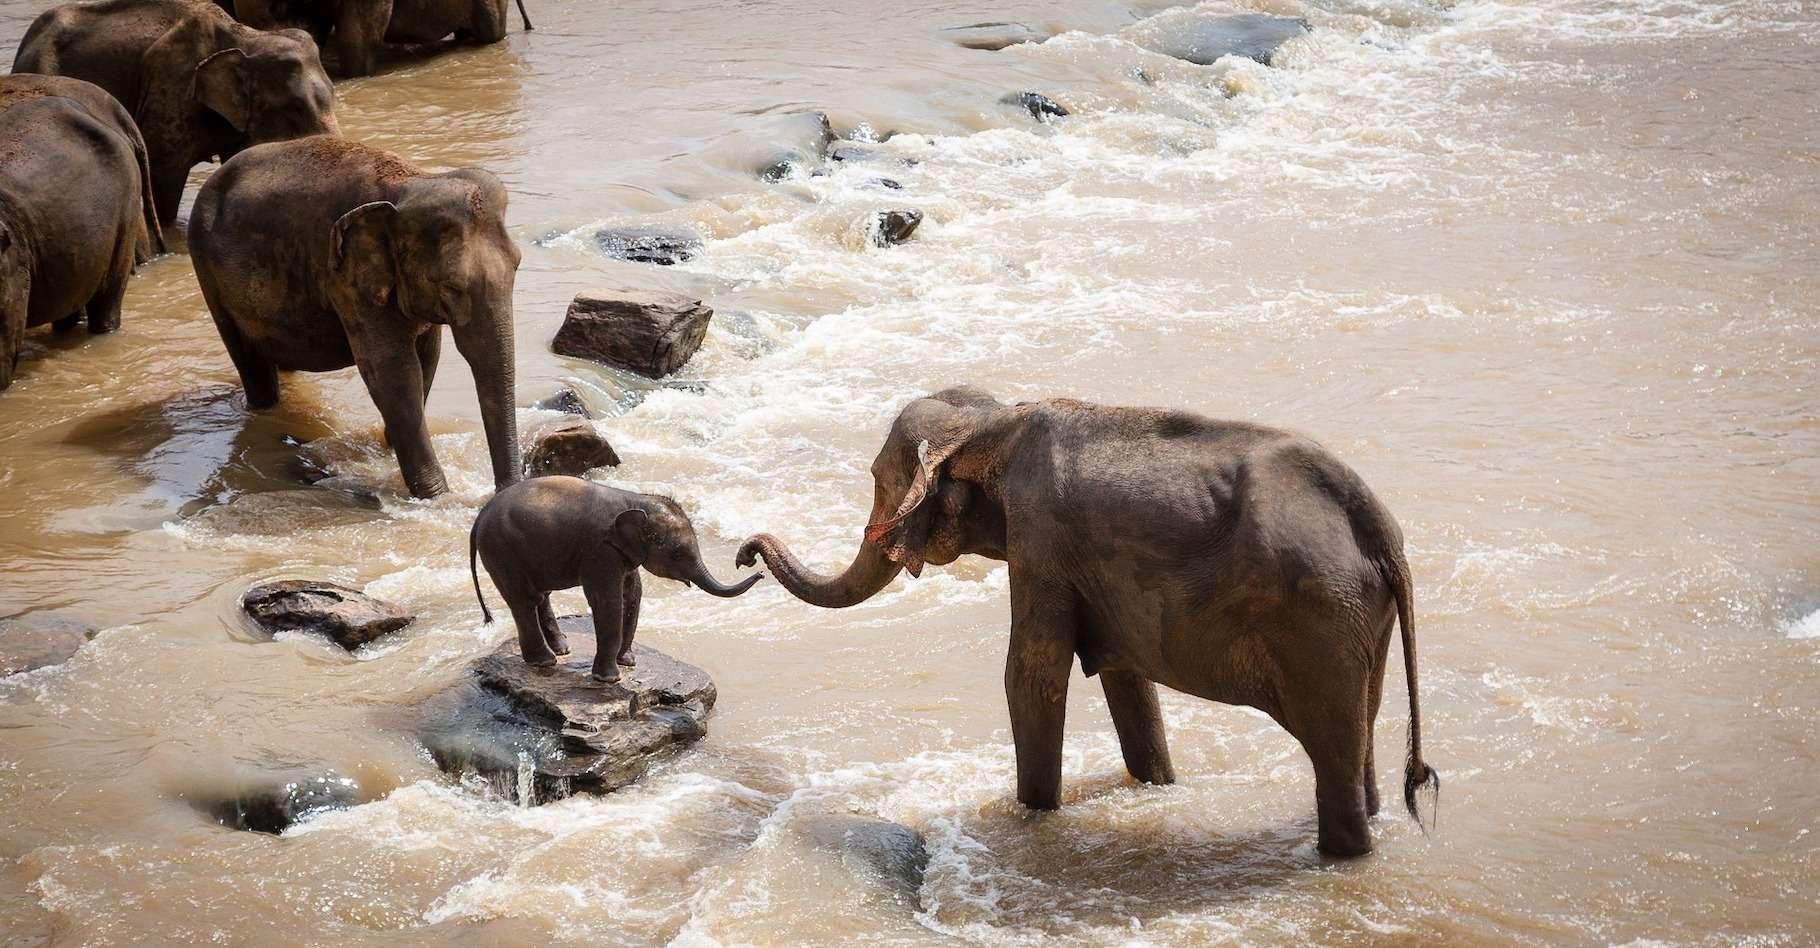 Les éléphants, que ce soit en Afrique ou en Asie, restent menacés par les activités humaines. © luxstorm, Pixabay License